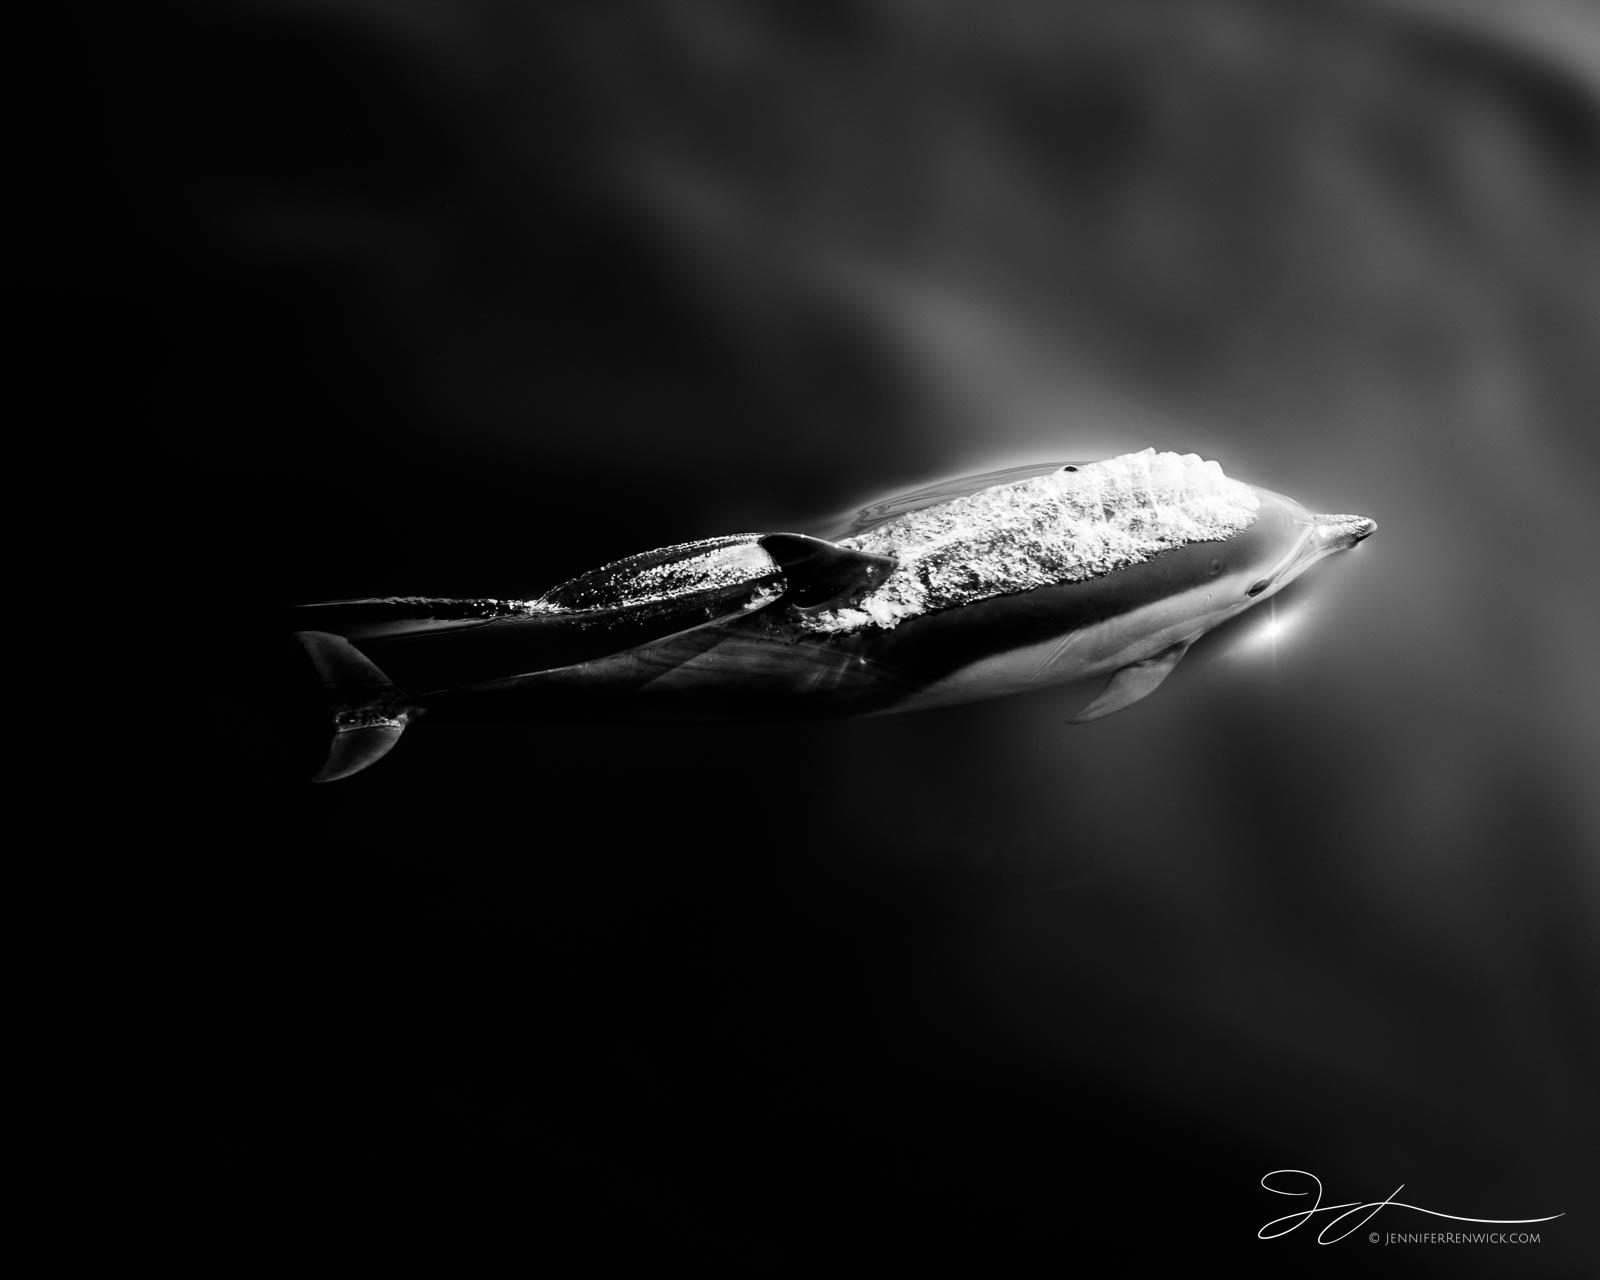 A young common dolphin calf swims effortlessly through calm seas.